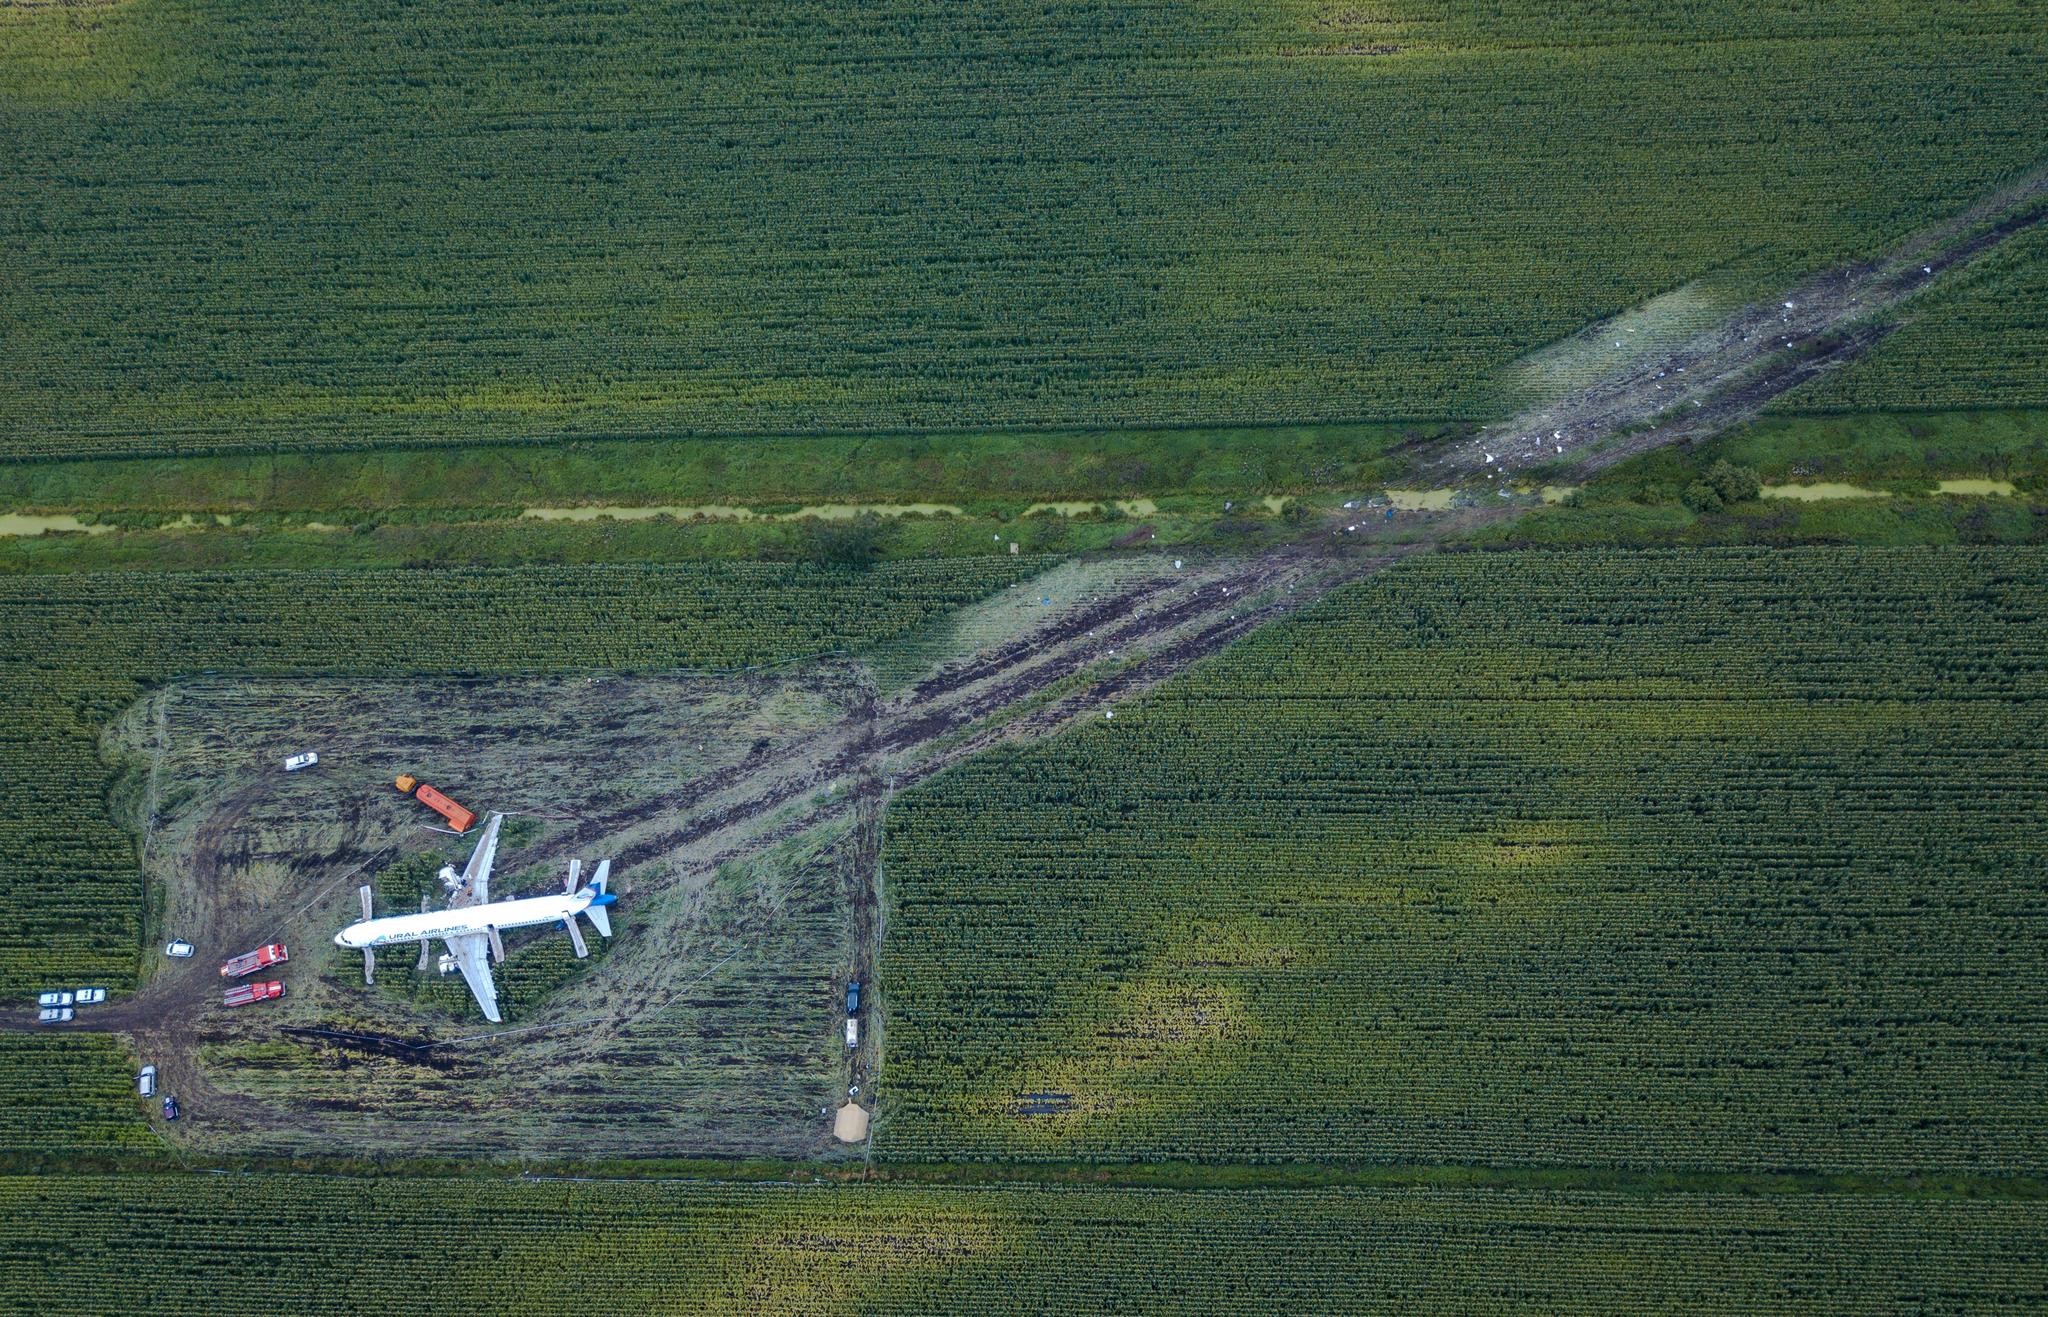 16일(현지시간) 에어버스 A321 여객기가 옥수수밭에 비상착륙한 흔적이 보인다. [AP=연합뉴스]